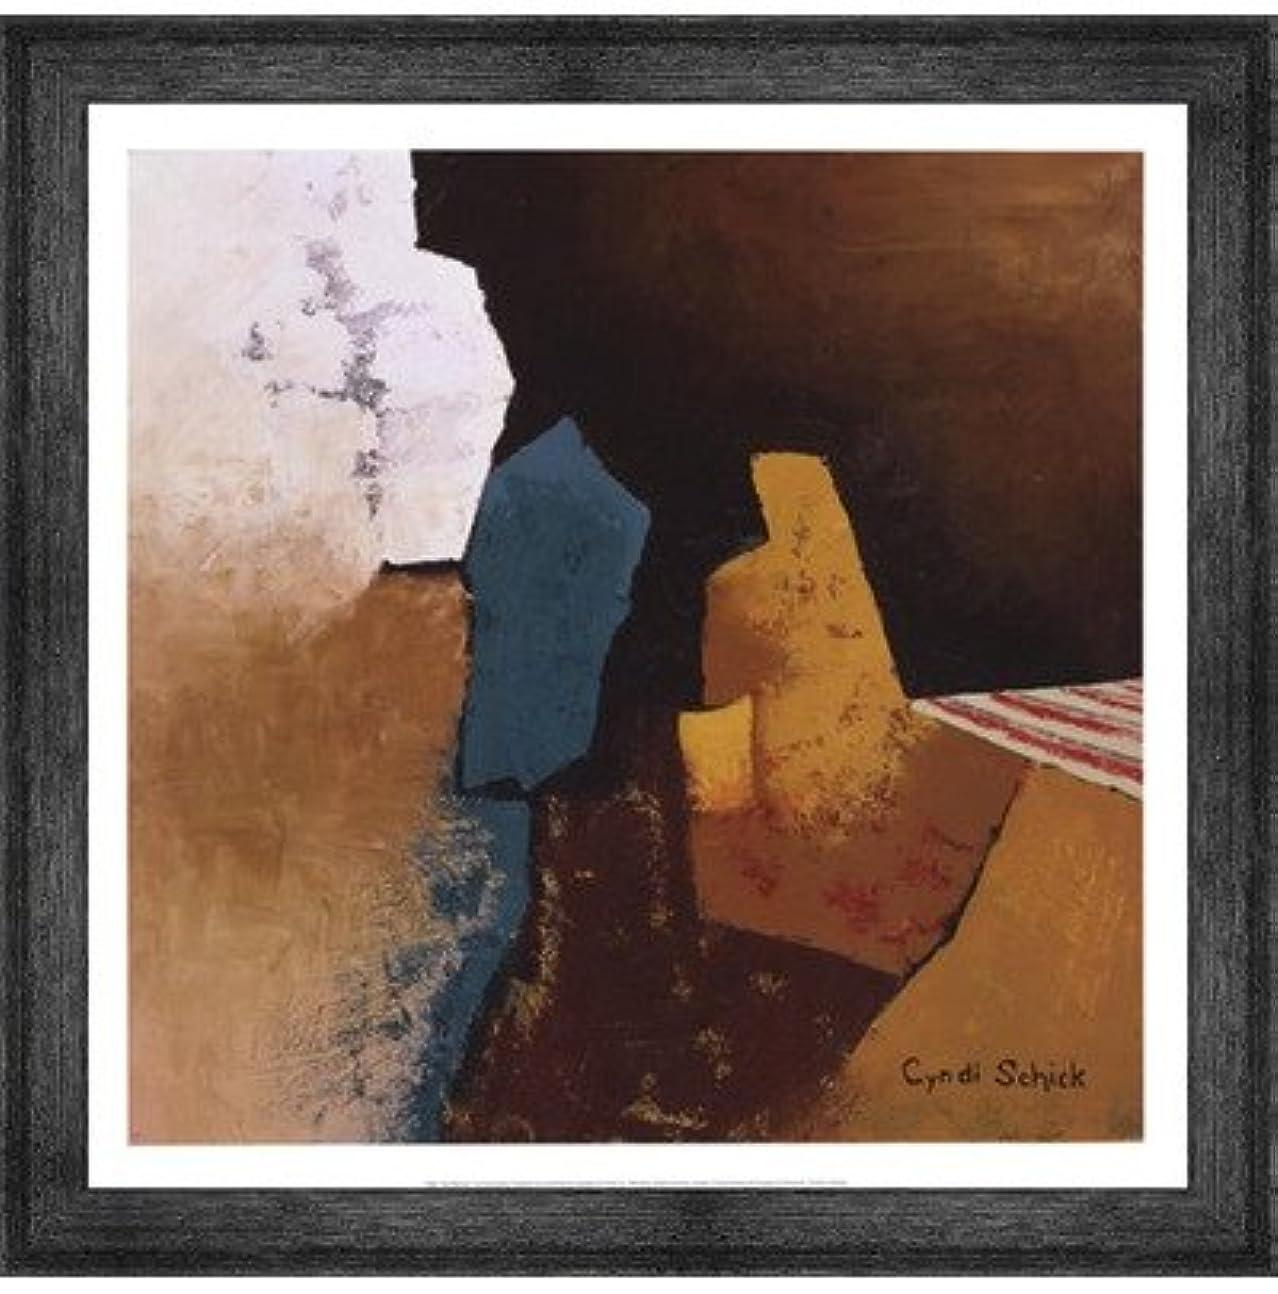 楽しい友だち結論ティール抽象I by Cyndi Schick – 20 x 20インチ – アートプリントポスター LE_194553-F10588-20x20